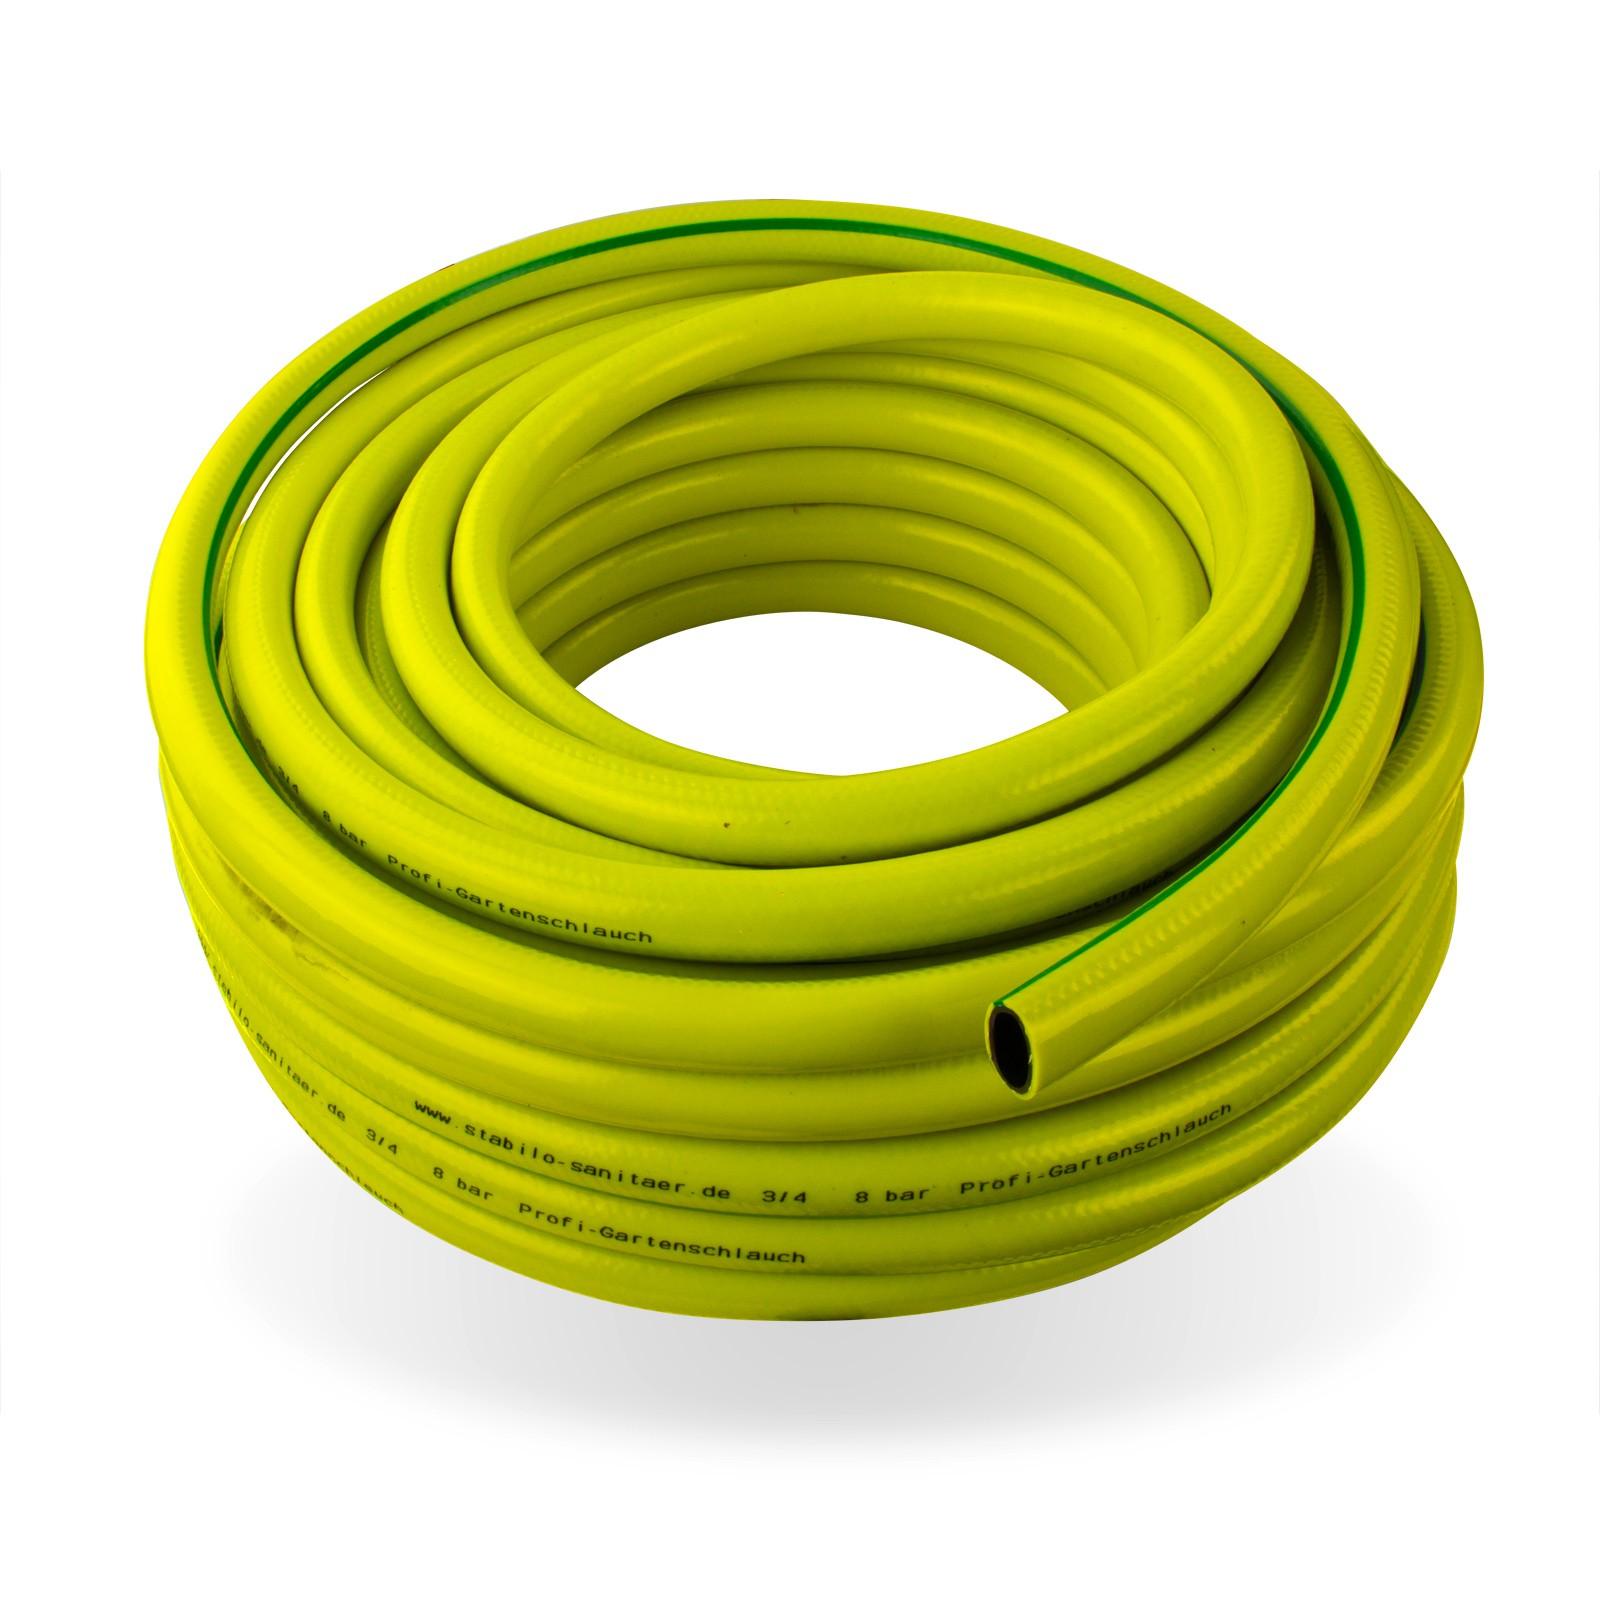 Stabilo-Sanitaer Profi Gartenschlauch / Wasserschlauch 1 Zoll / 50 m gelb 14466